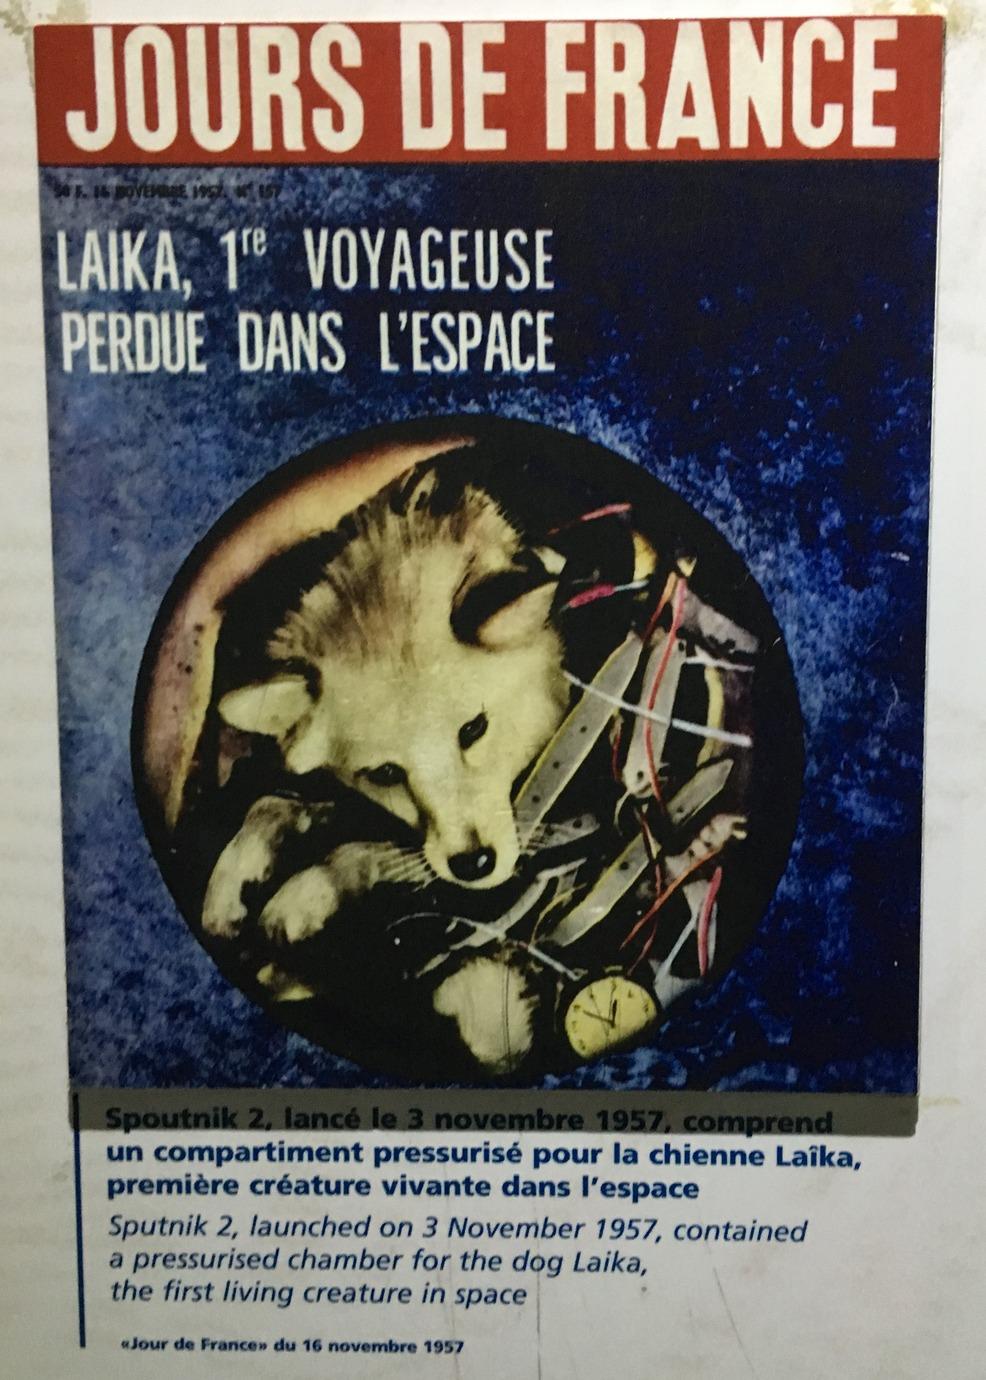 Un projet hommage à Laika sur WUS - Page 2 Img_0814